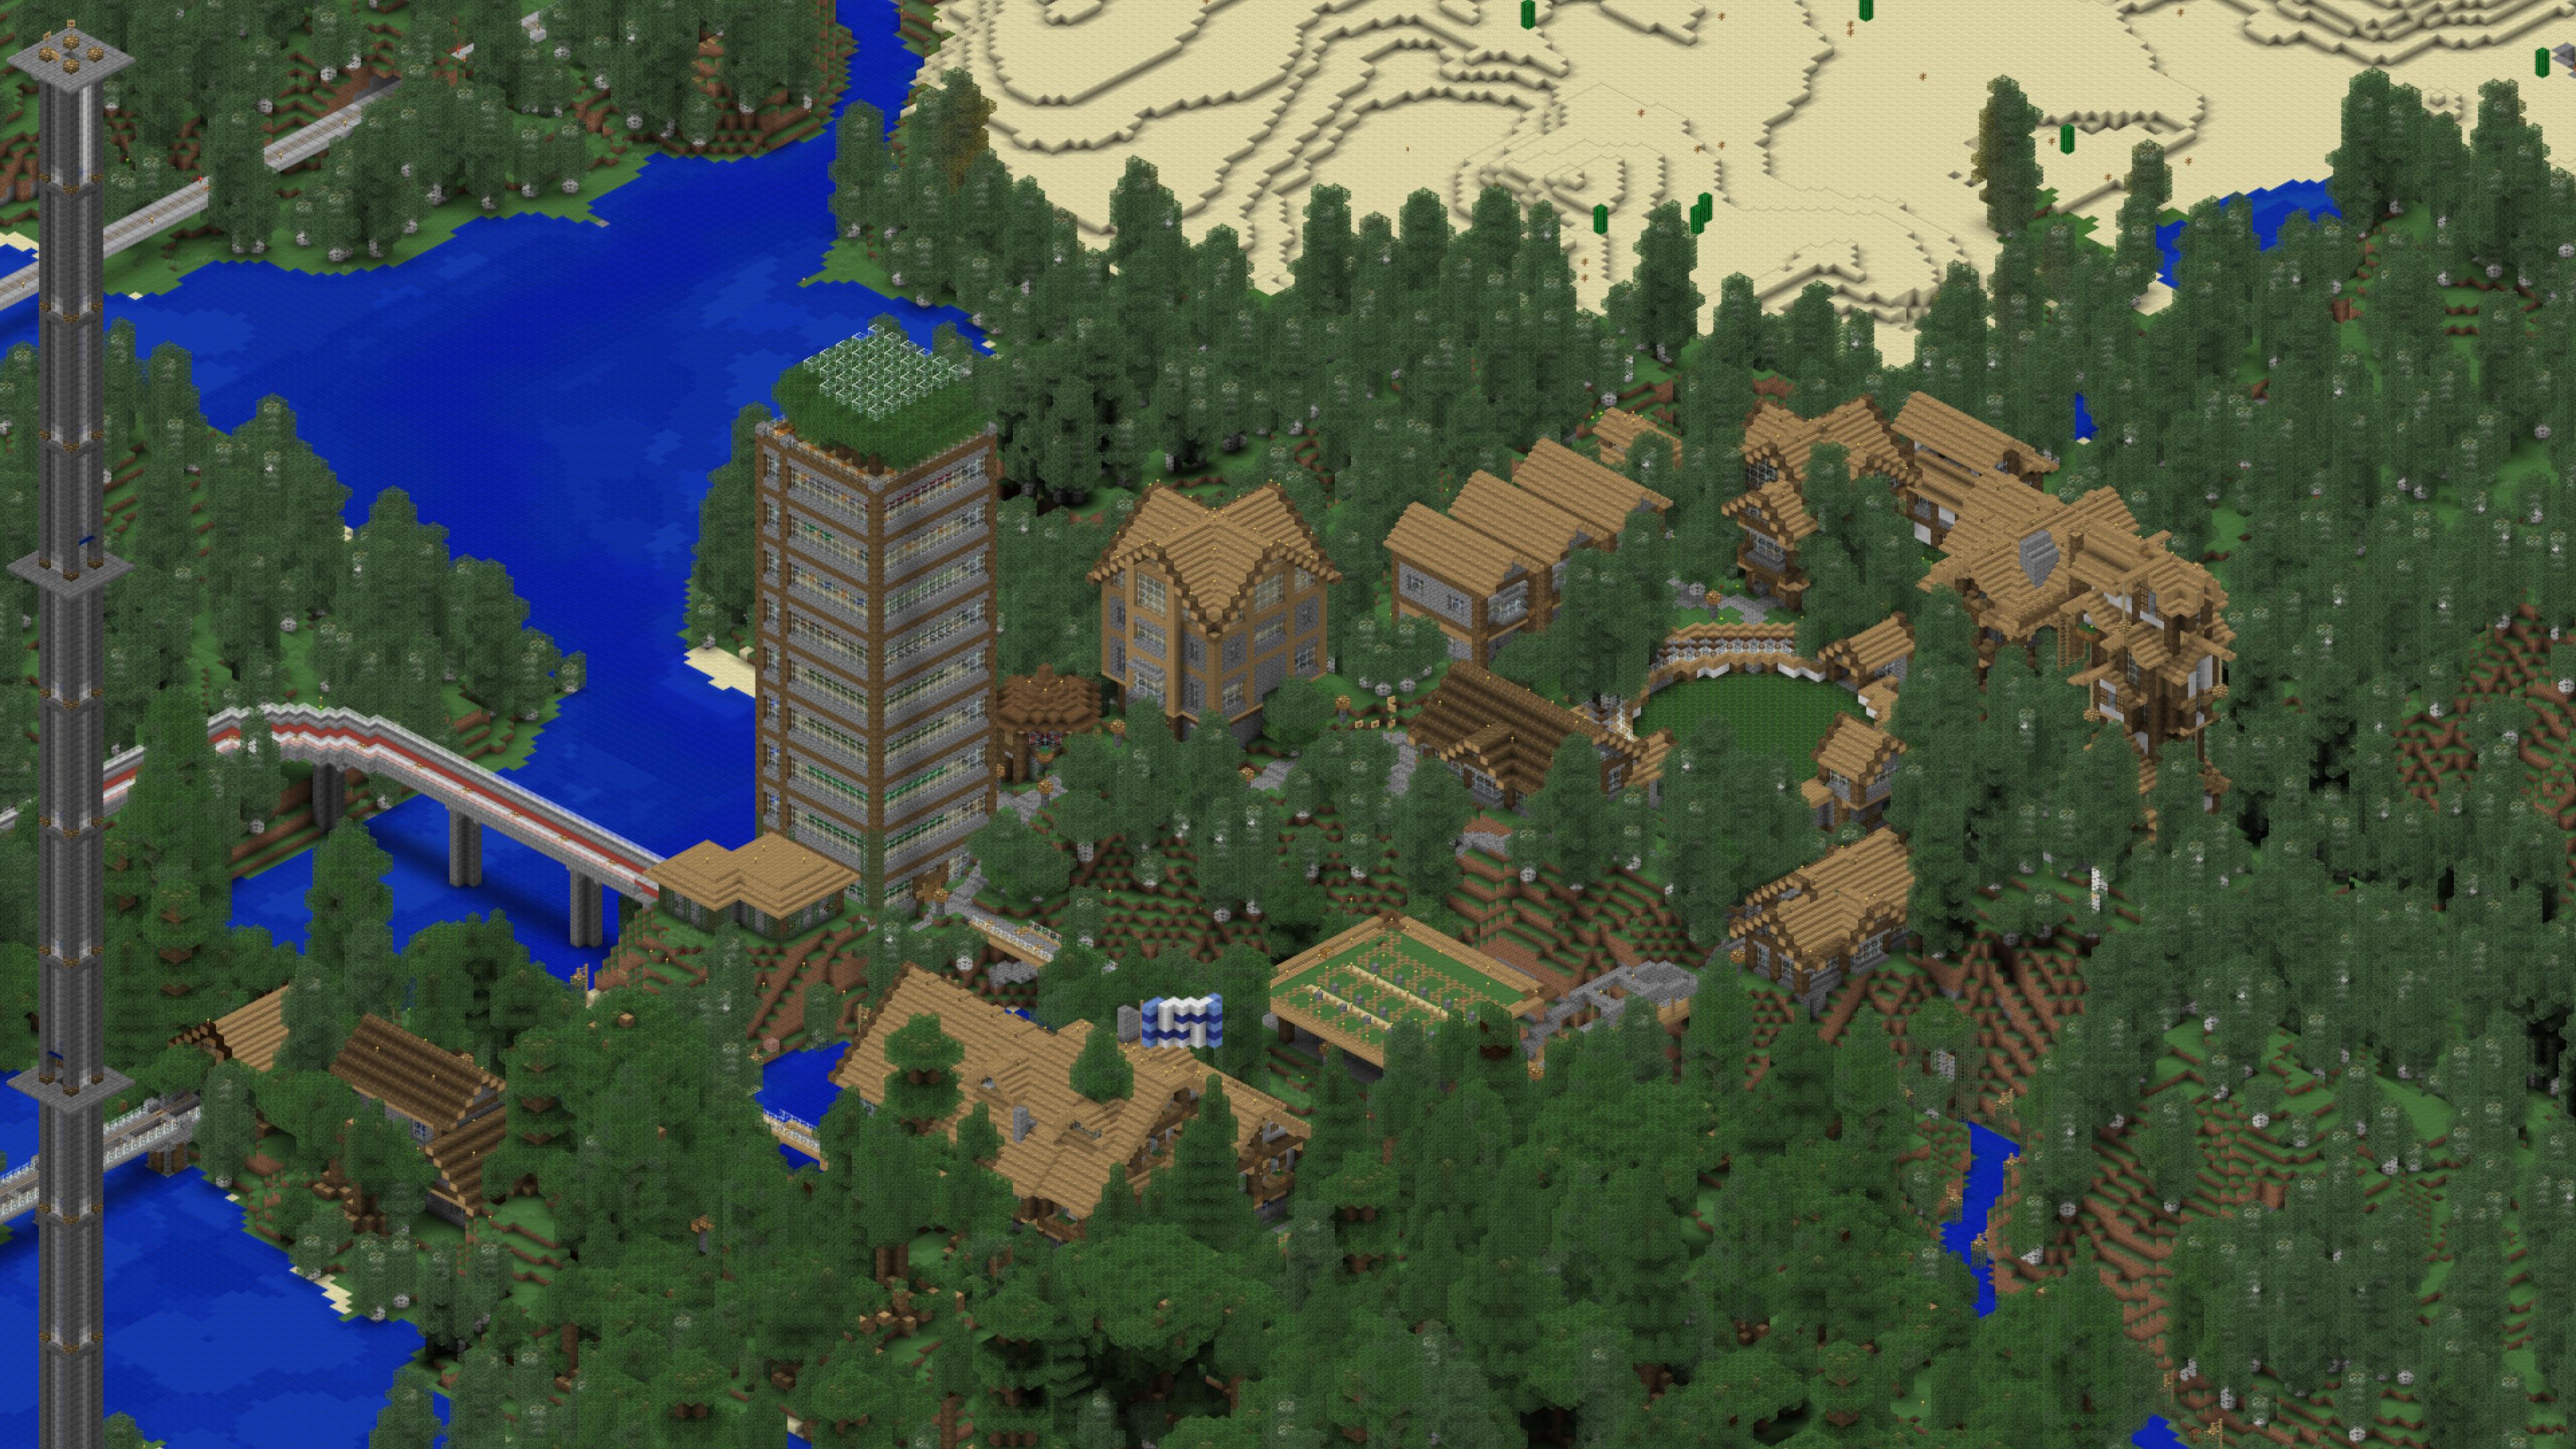 Rendering Minecraft in RendermanRIS